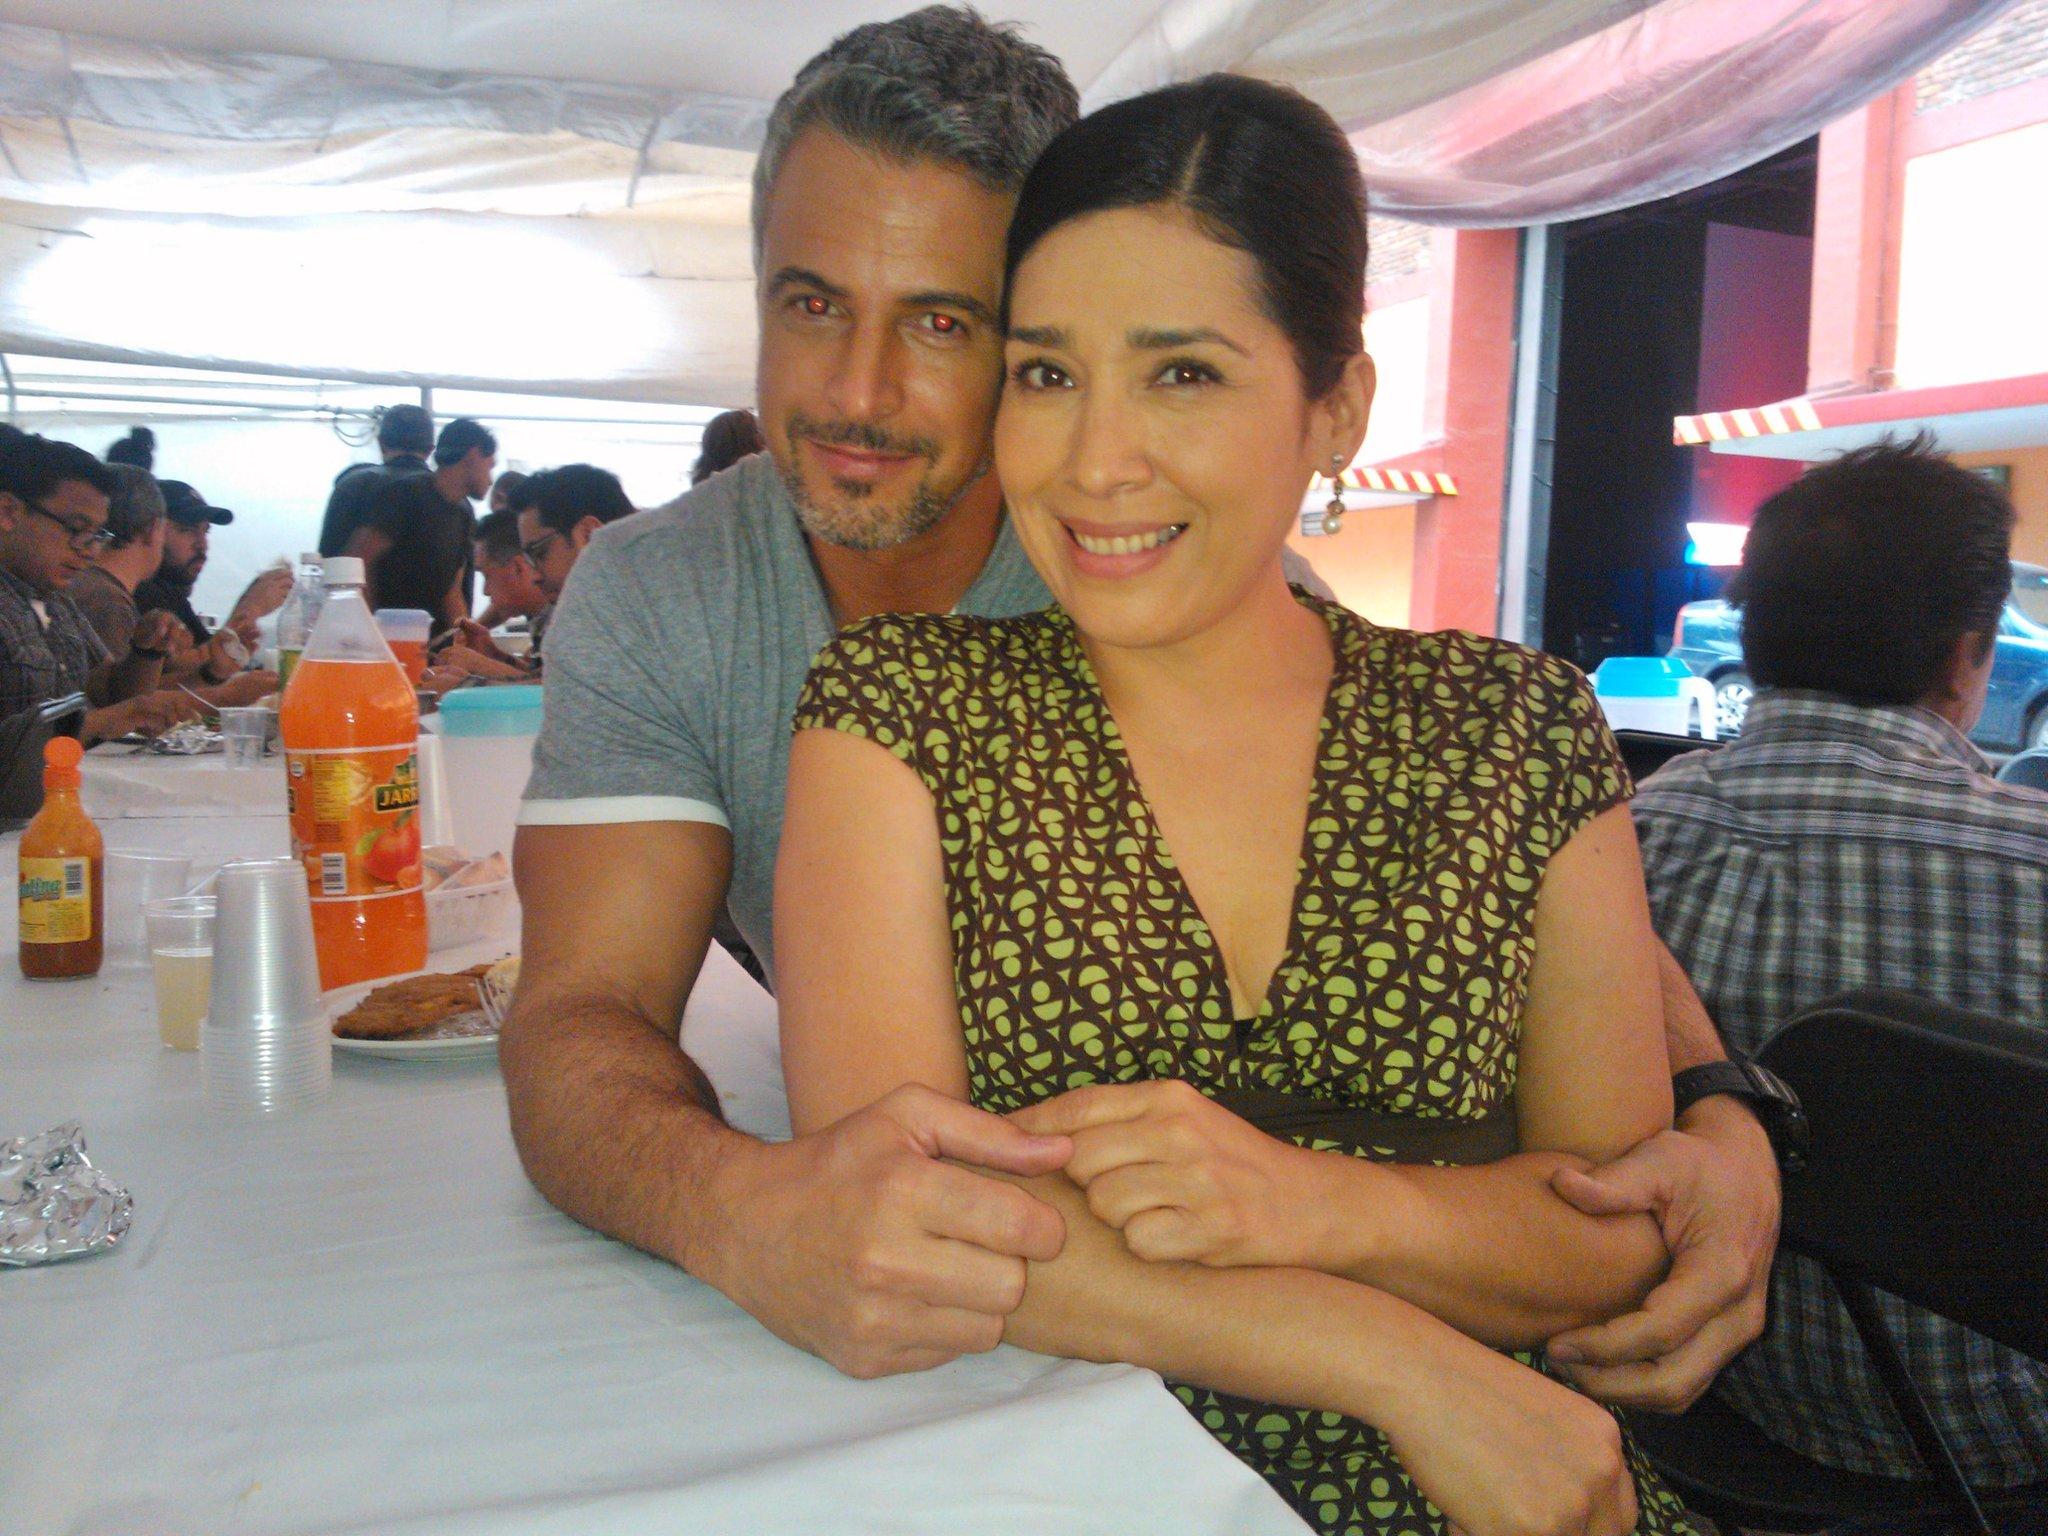 '@maruca0: Ahhh comiendo con el guapísimo comisionado Balmaceda.@diegosoldano @maruca0 provecho! http://t.co/oVJjGoFMaA'/Guapa tu mi Maru:-)